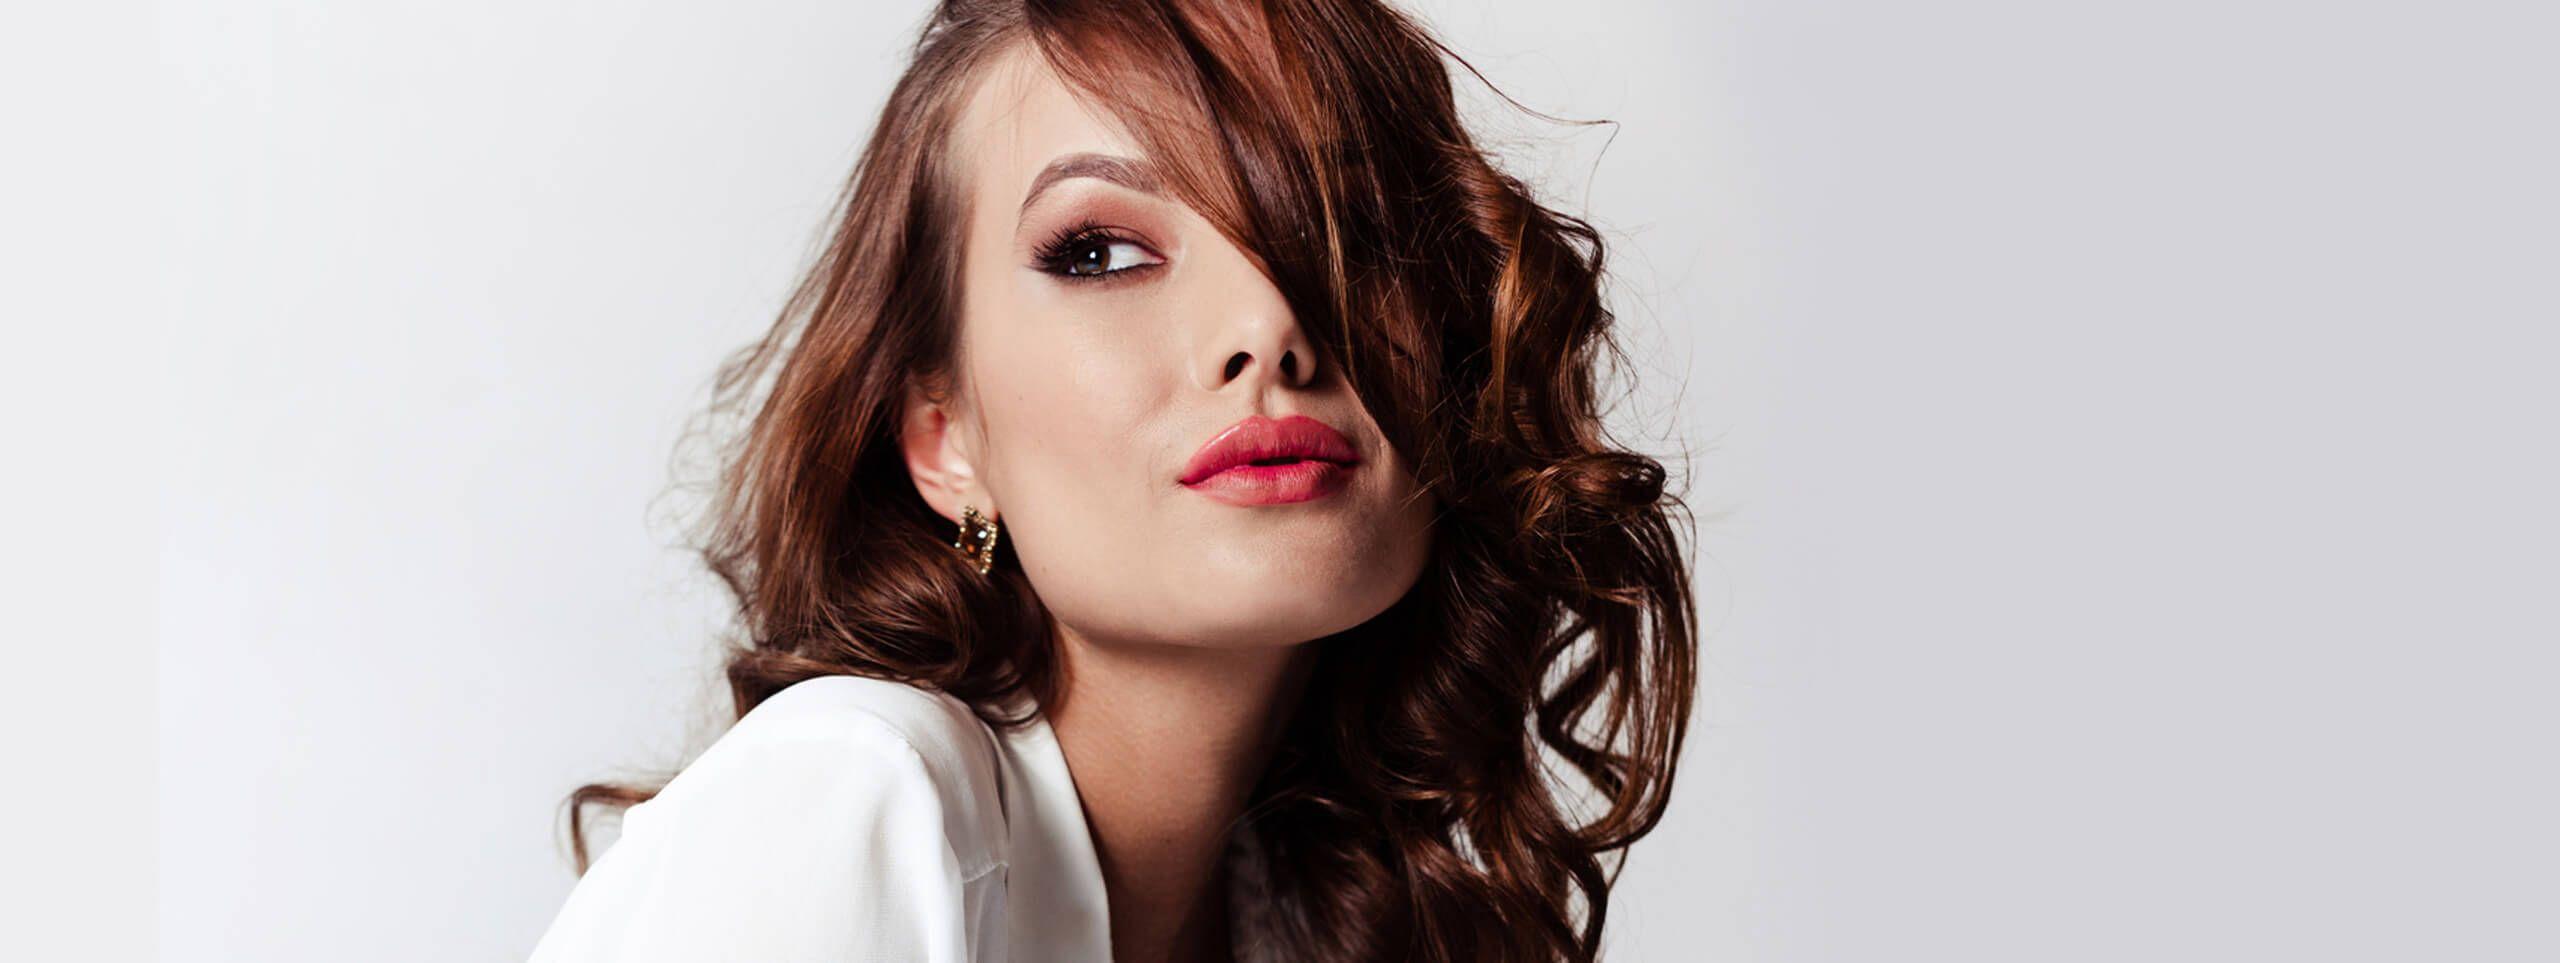 Modelka z błyszczącymi włosami